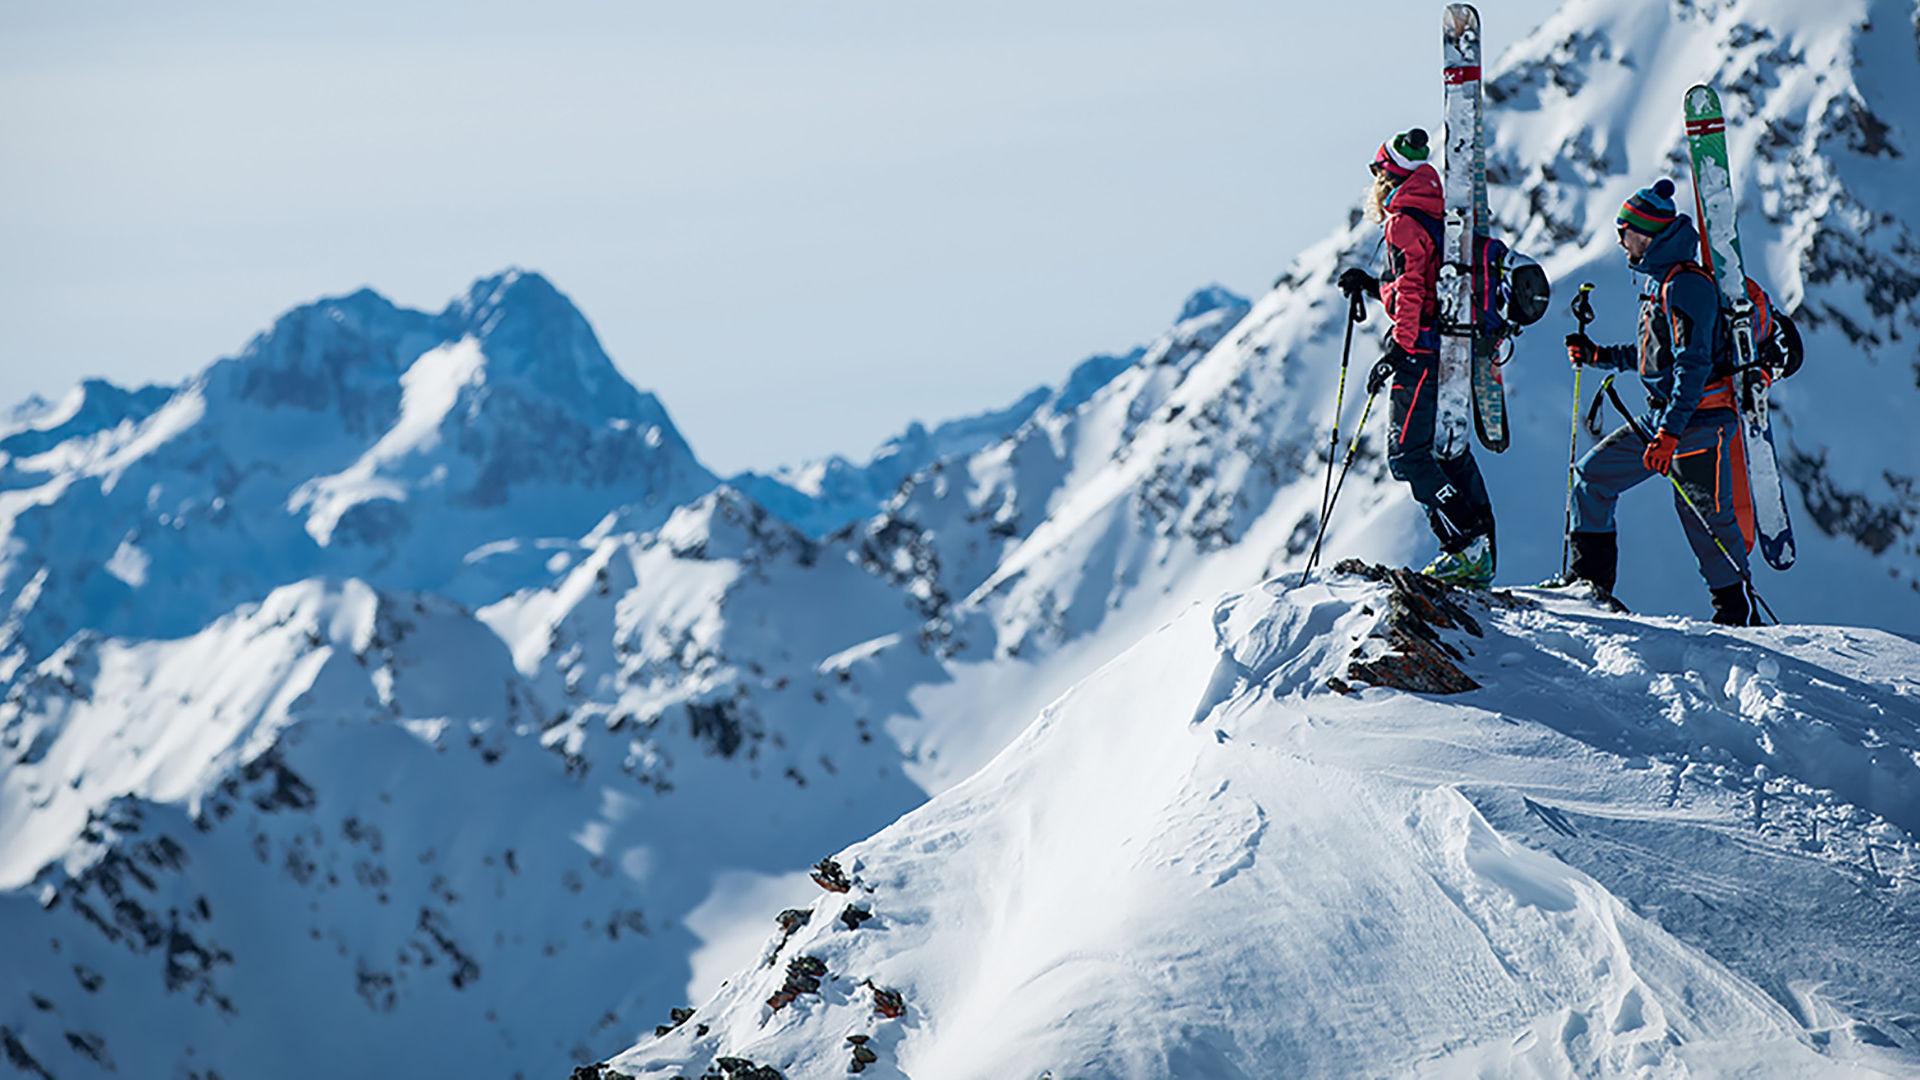 Zwei Freeride Skifahrer stehen auf dem Berg und suchen die perfekte Line